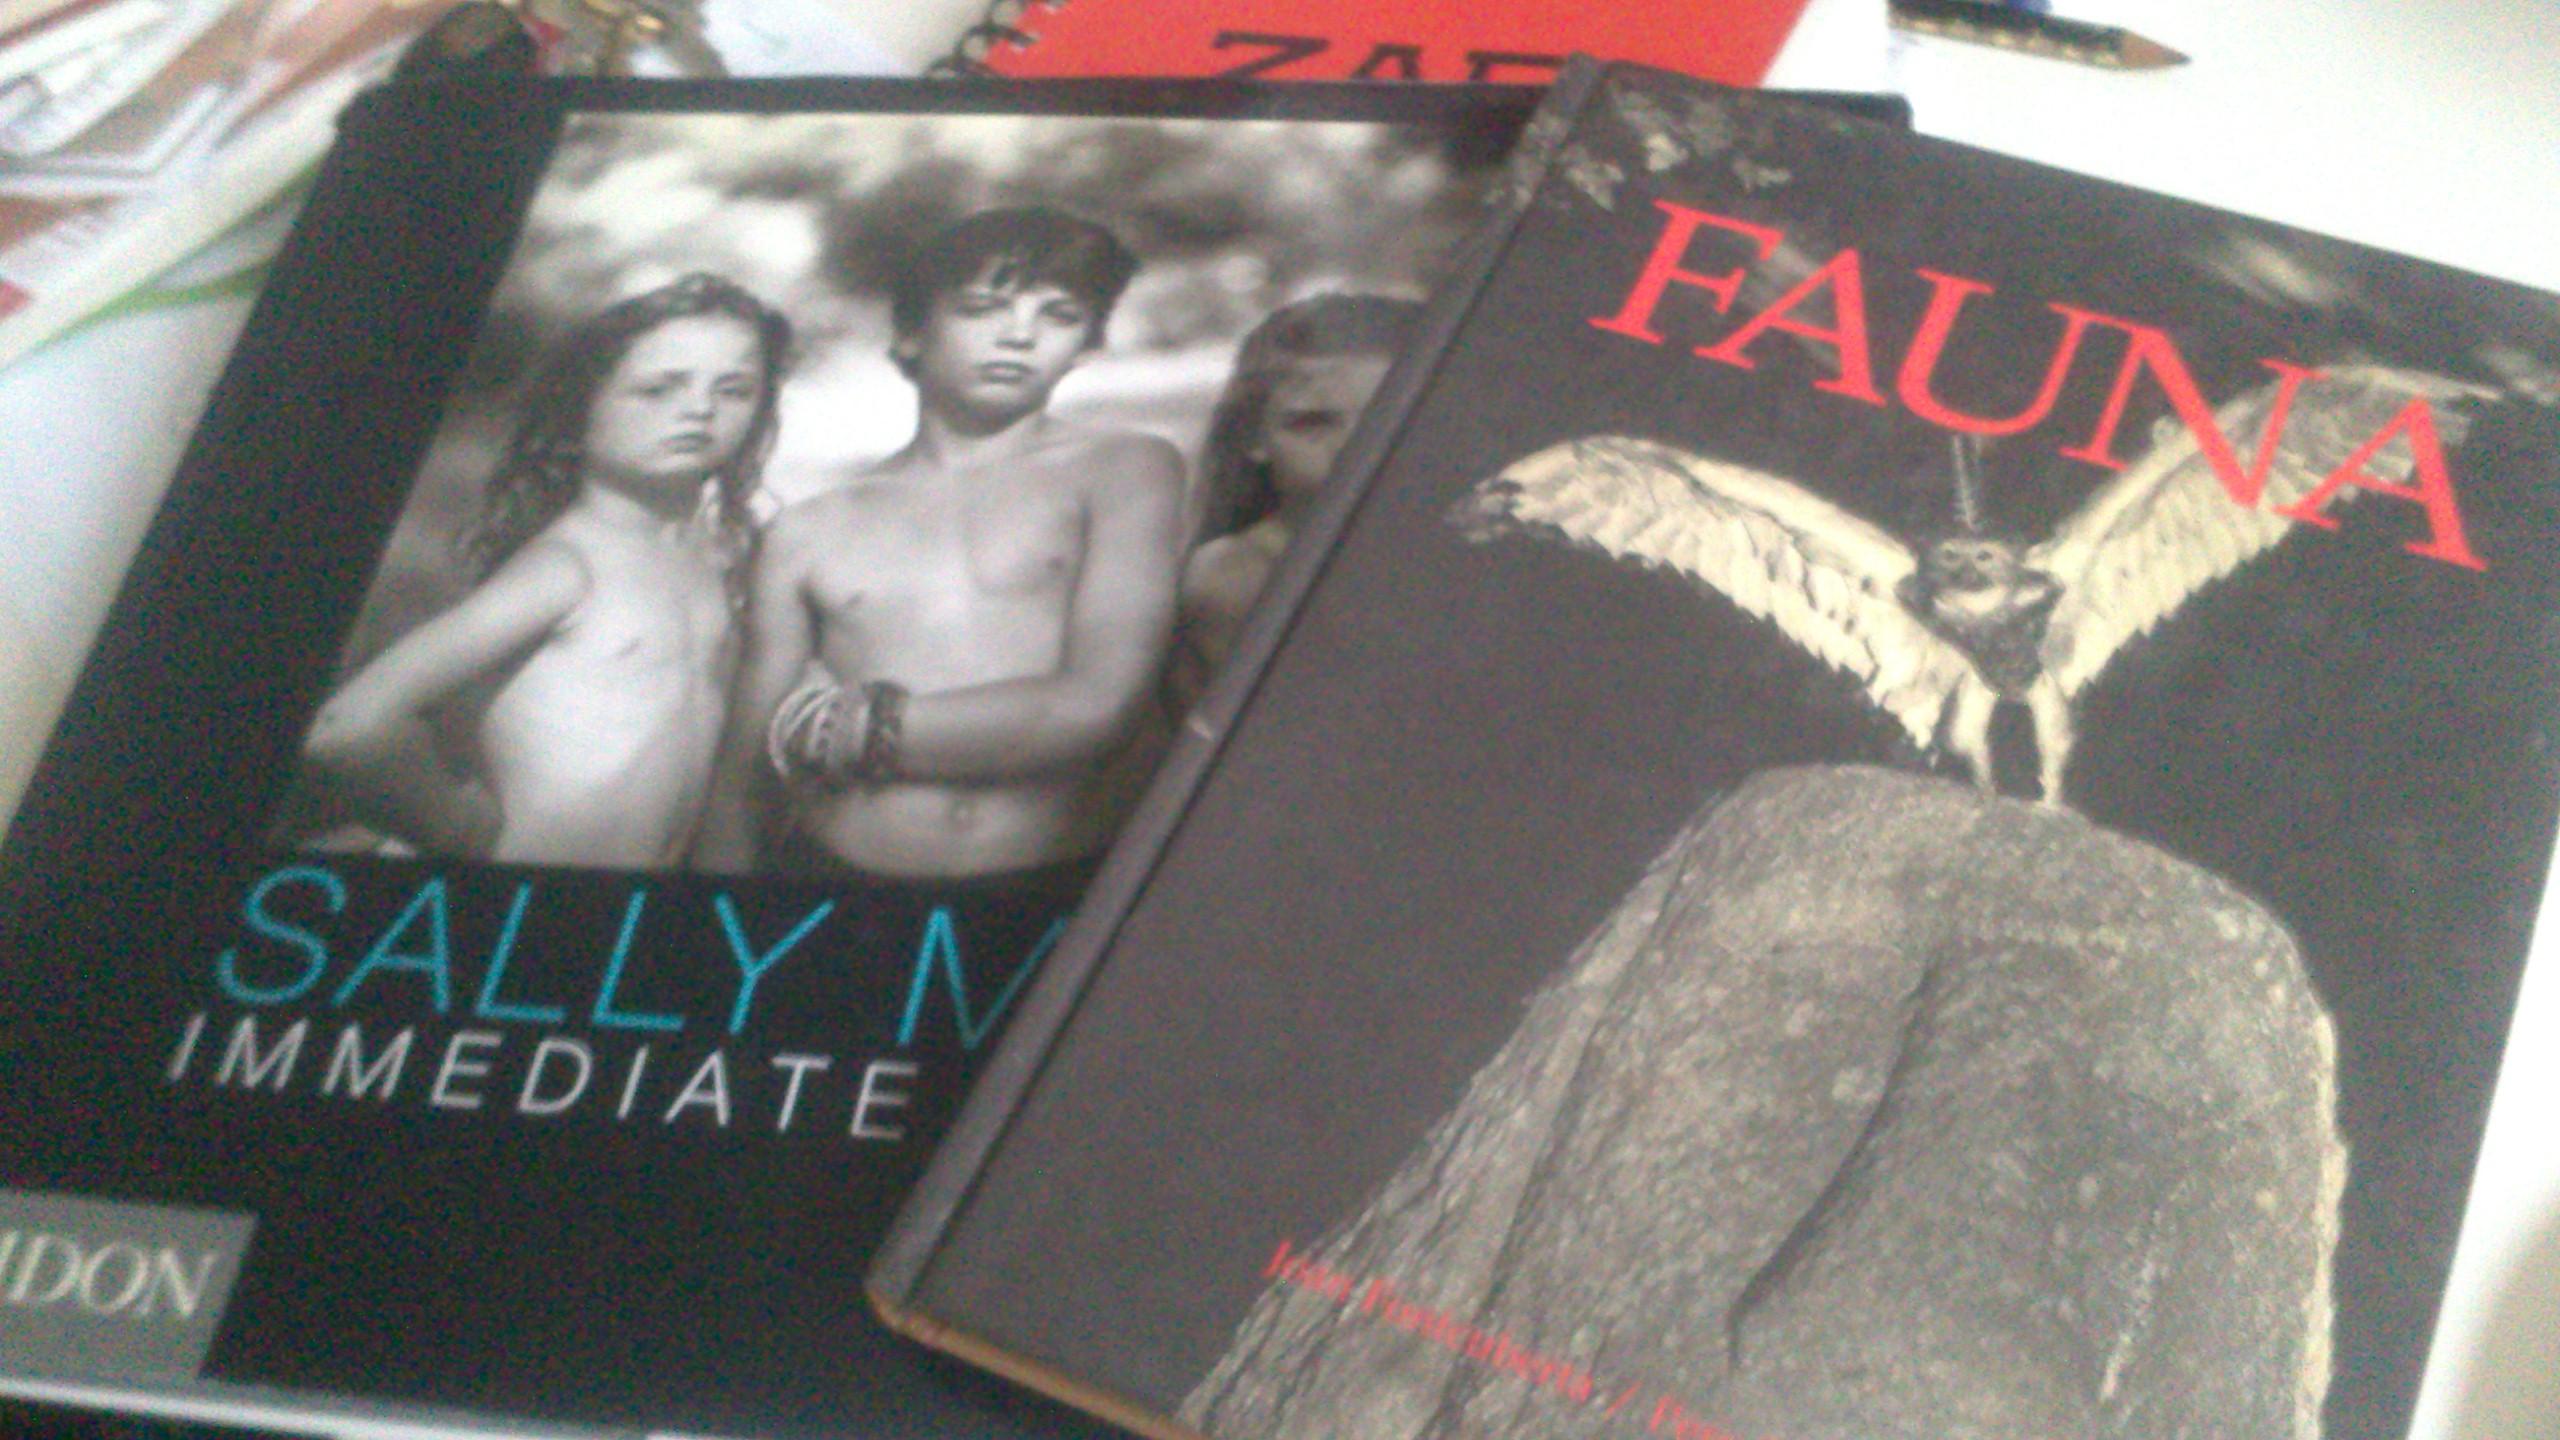 """llibres de """"sally mann"""" i """"Fontcuberta i Formiguera"""""""